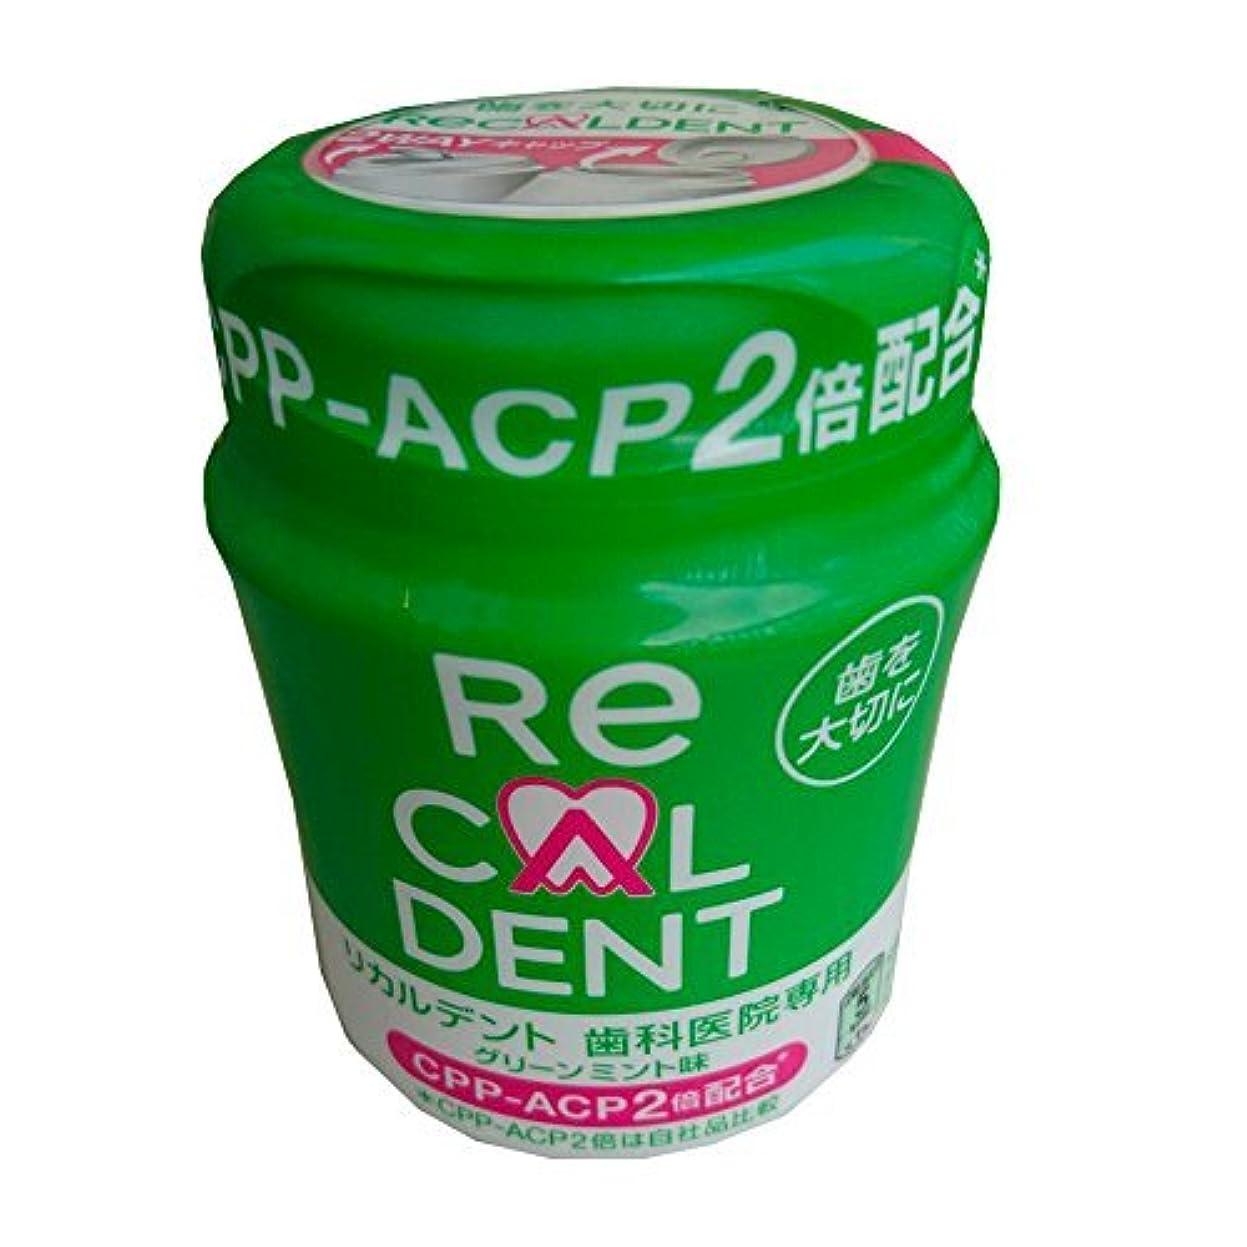 酸憂鬱な偽善歯科医院専用 リカルデントガム グリーンミント味 140gボトル 1個